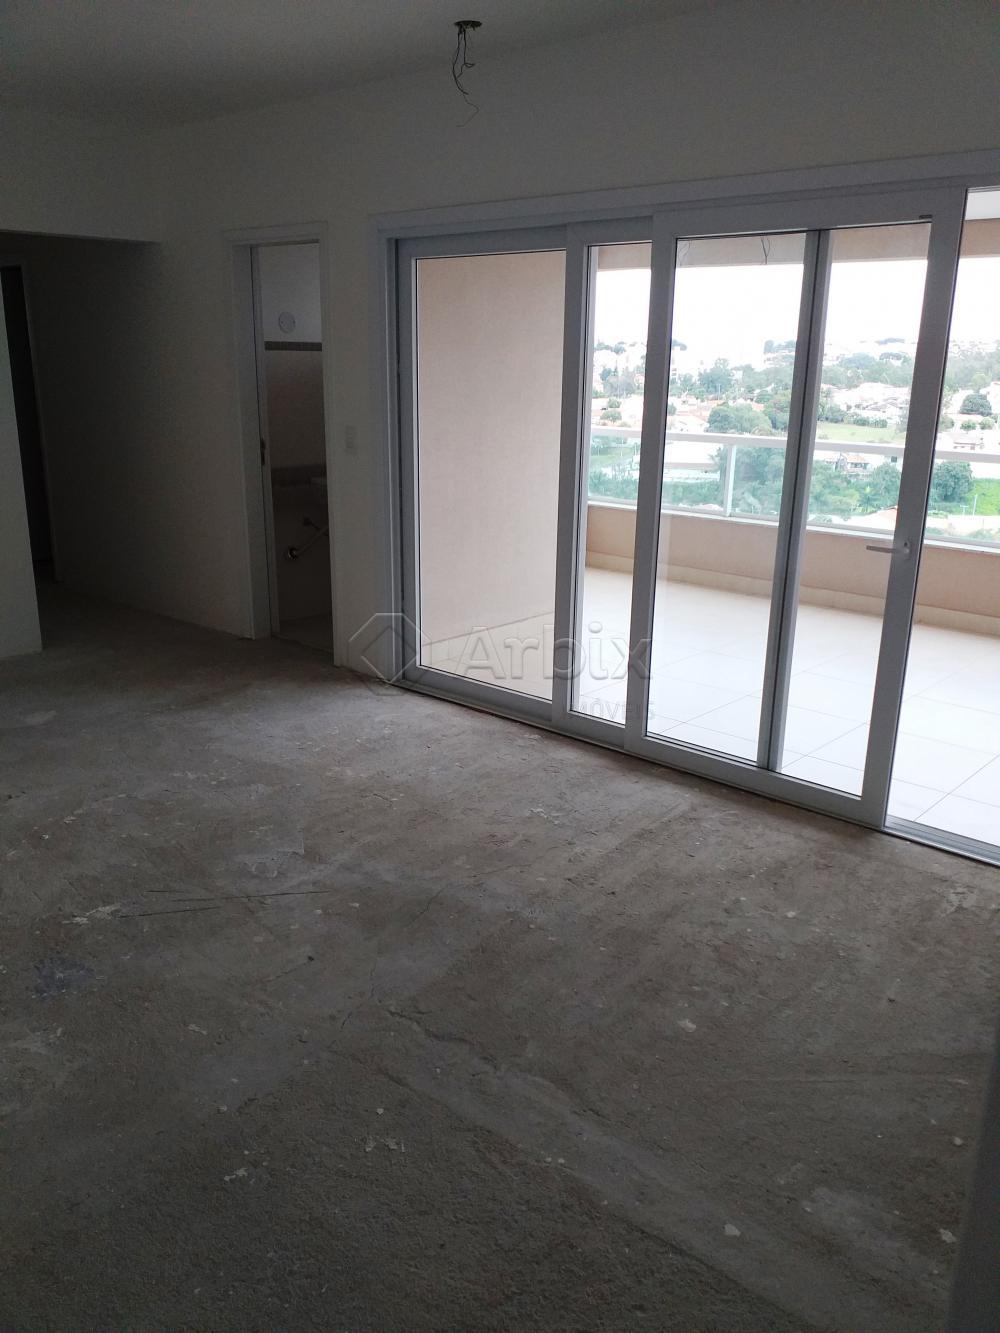 Comprar Apartamento / Padrão em Americana apenas R$ 647.000,00 - Foto 2